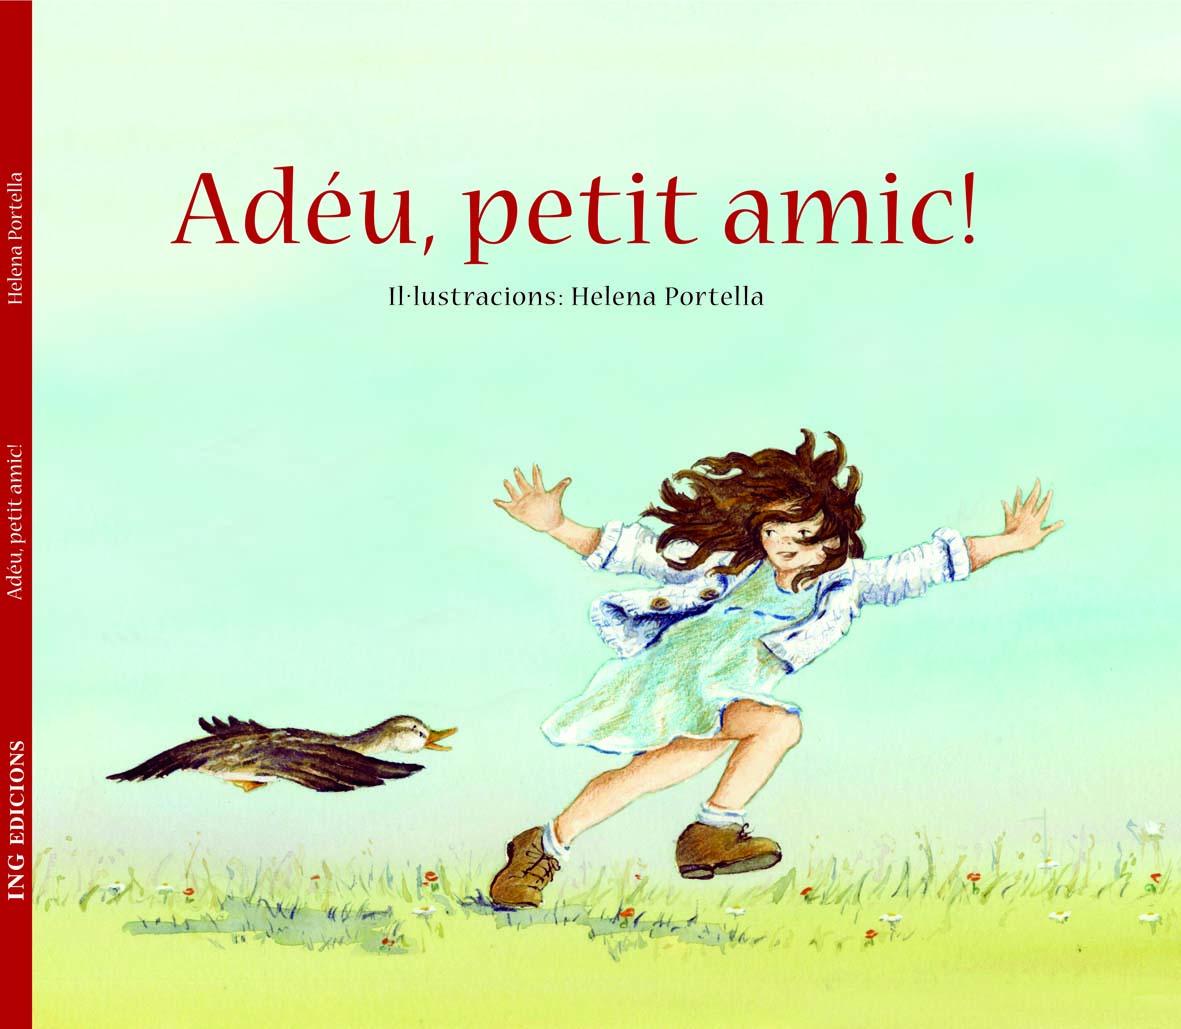 adeu-petit-amic-llibre-recomanat-per-a-infants-a-partir-de-3-anys